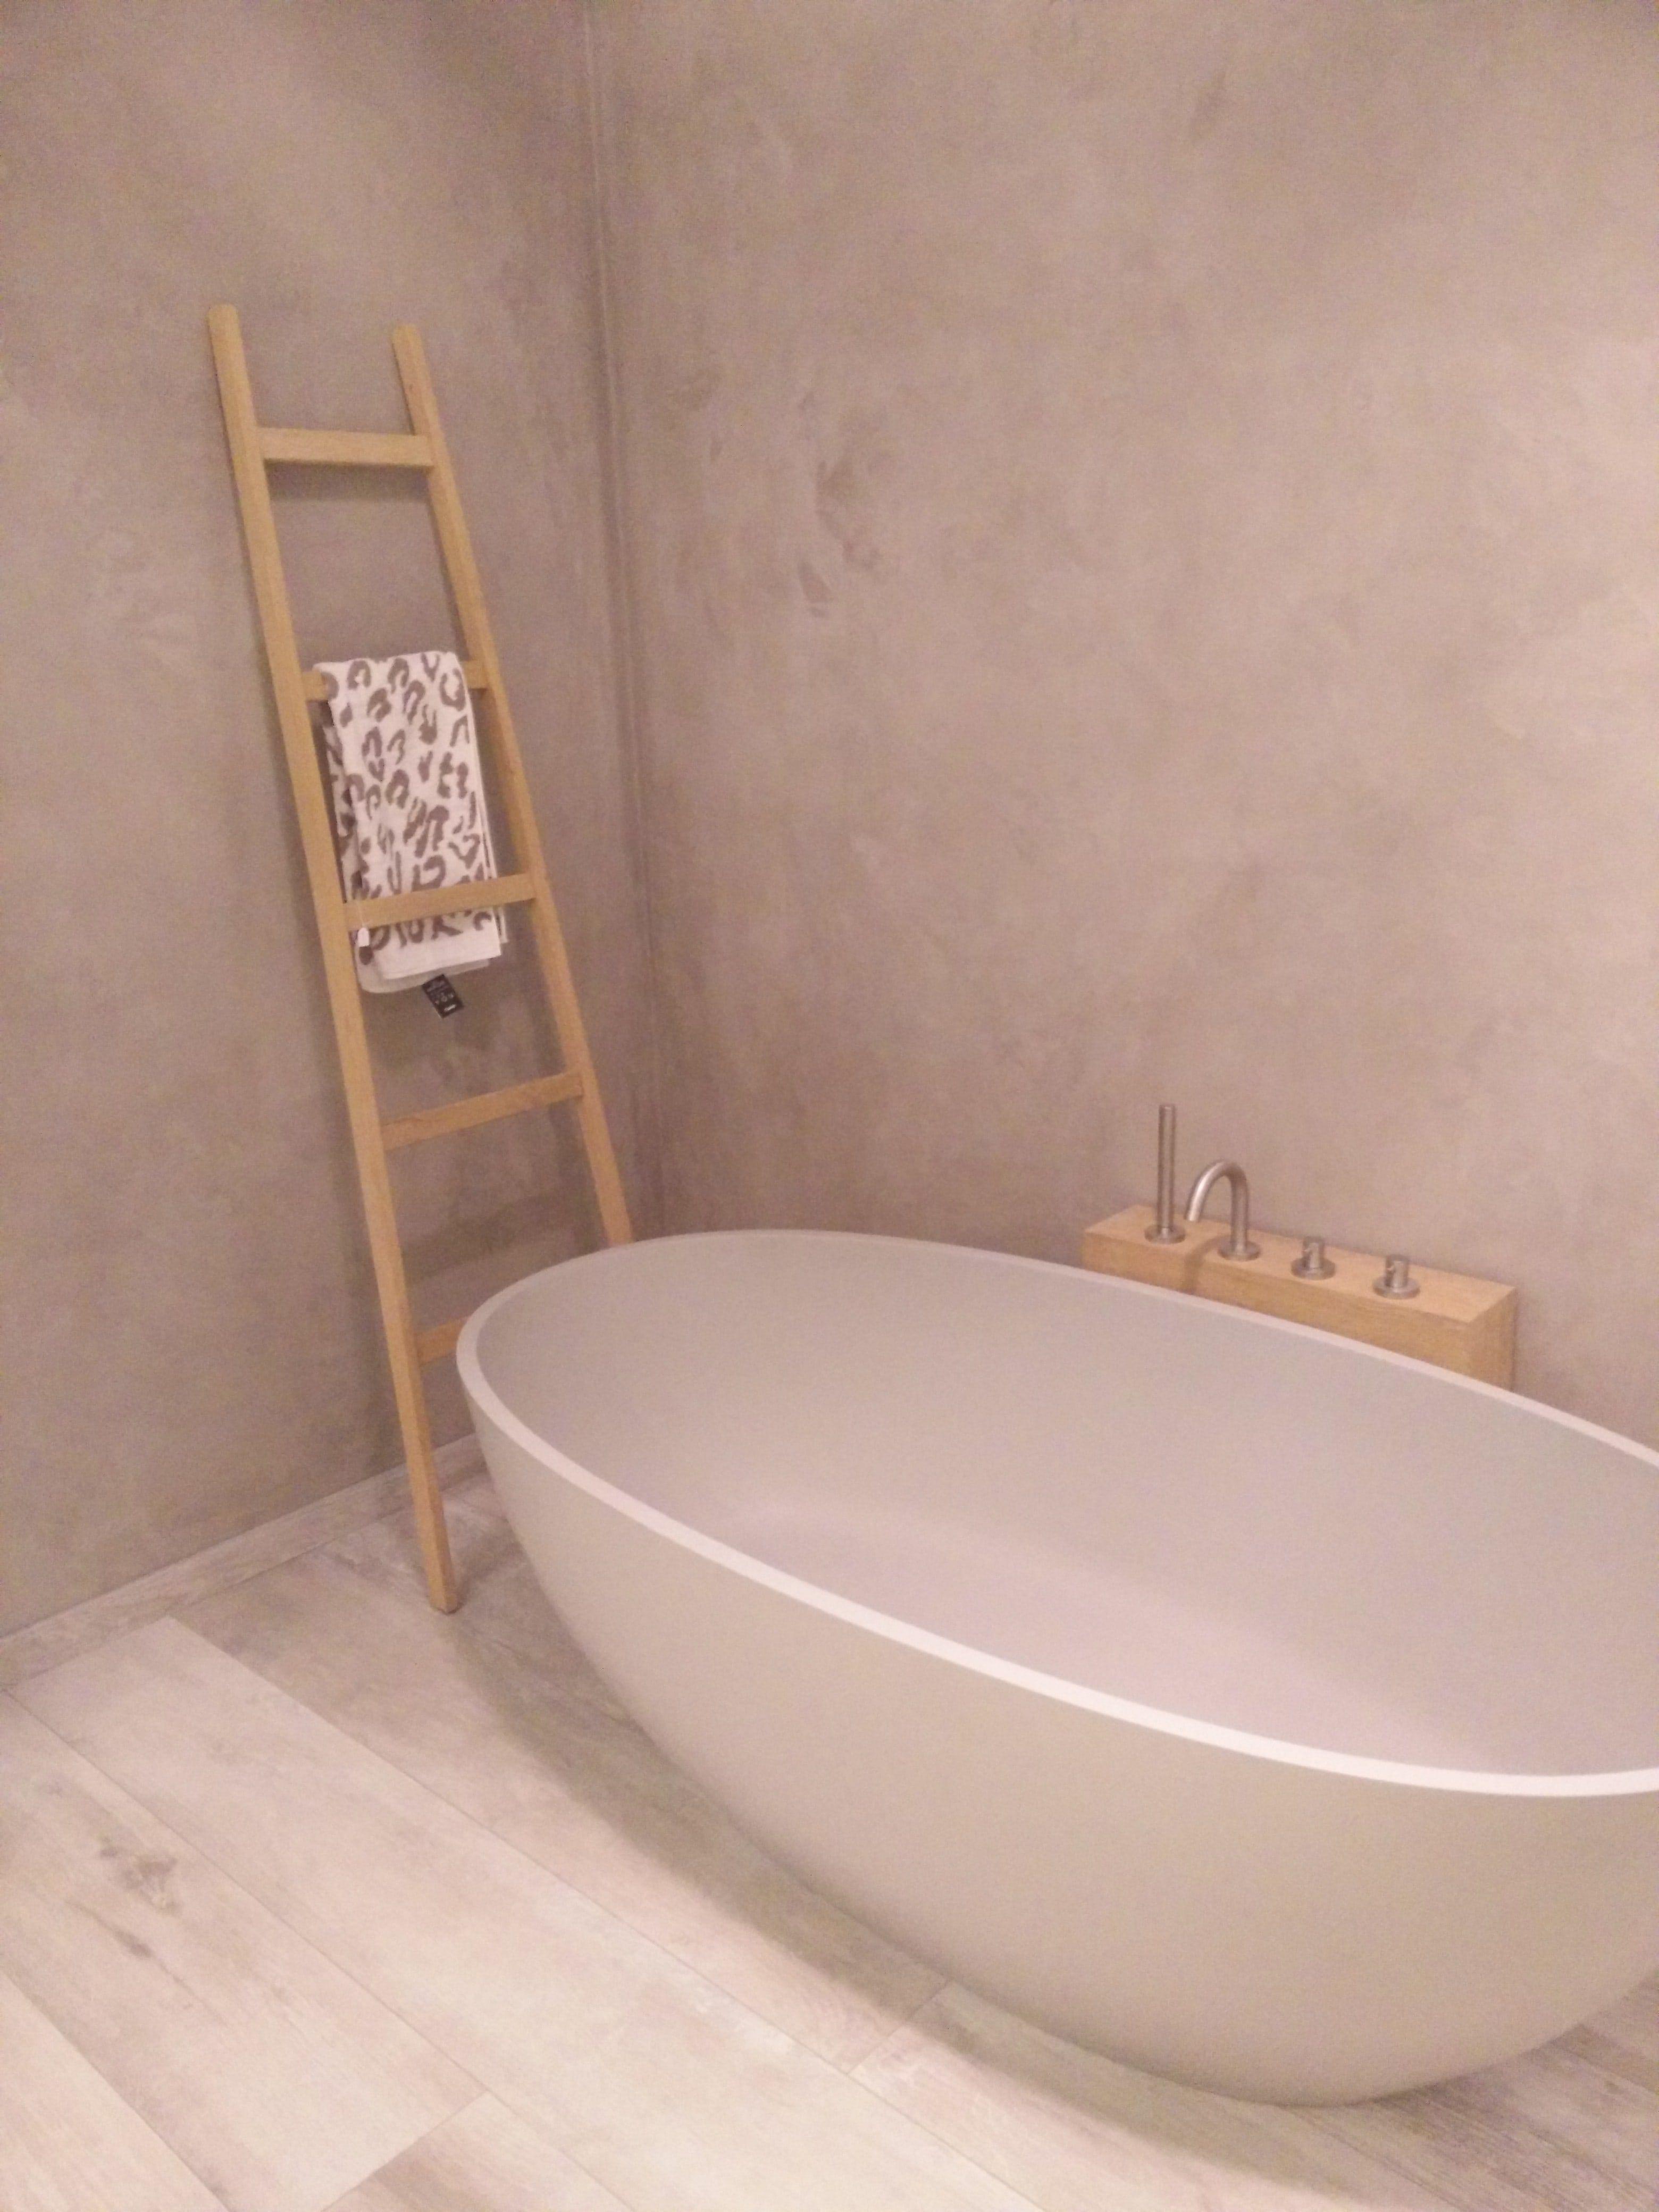 super strak modern bad in beton look kleur mooi voor een rustige